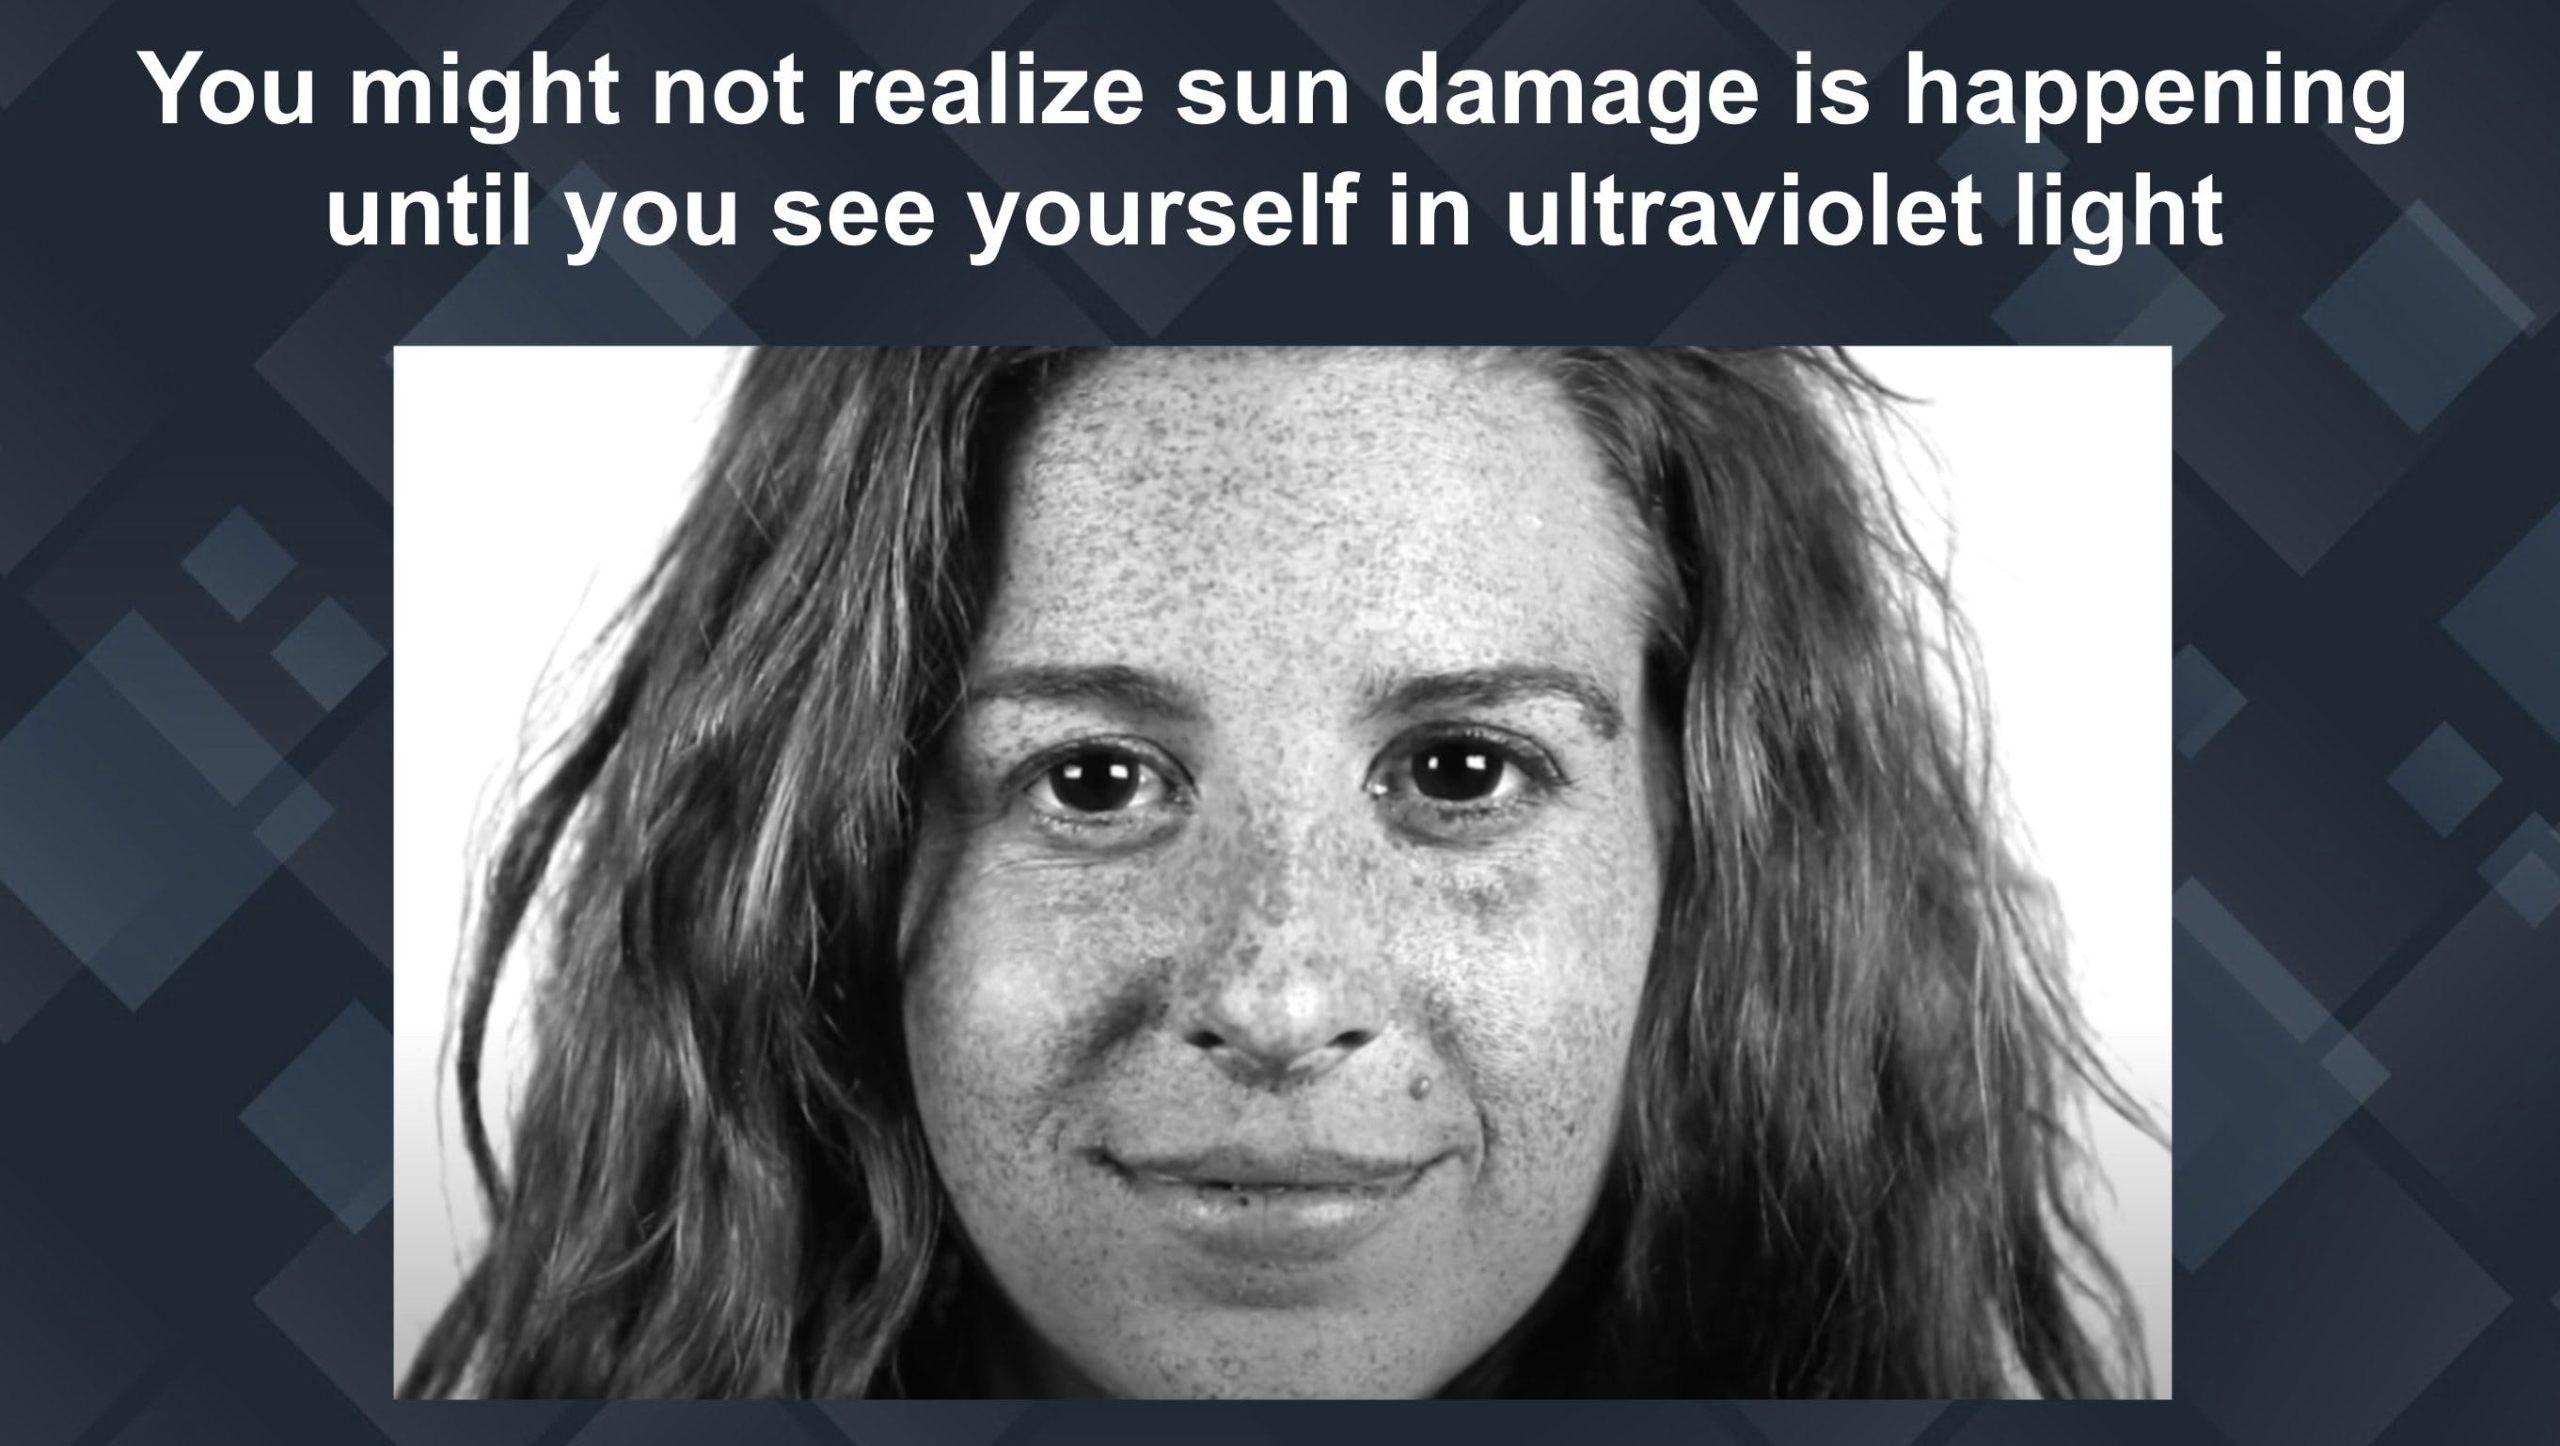 sun damaged skin uv light